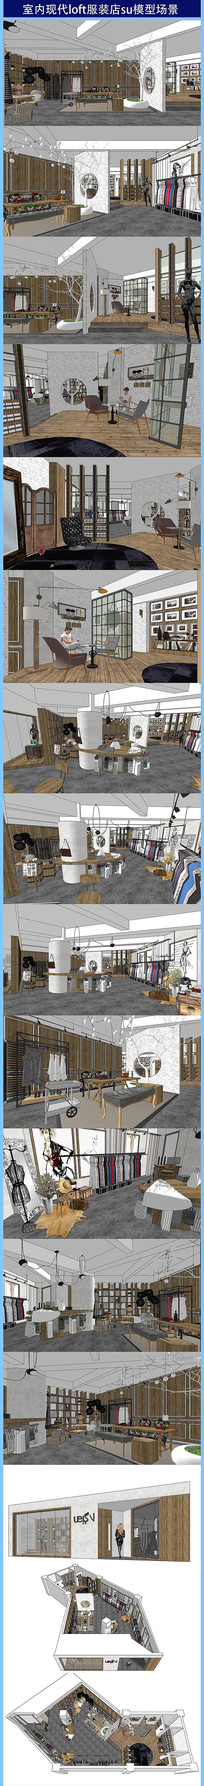 室内现代loft服装店su模型场景